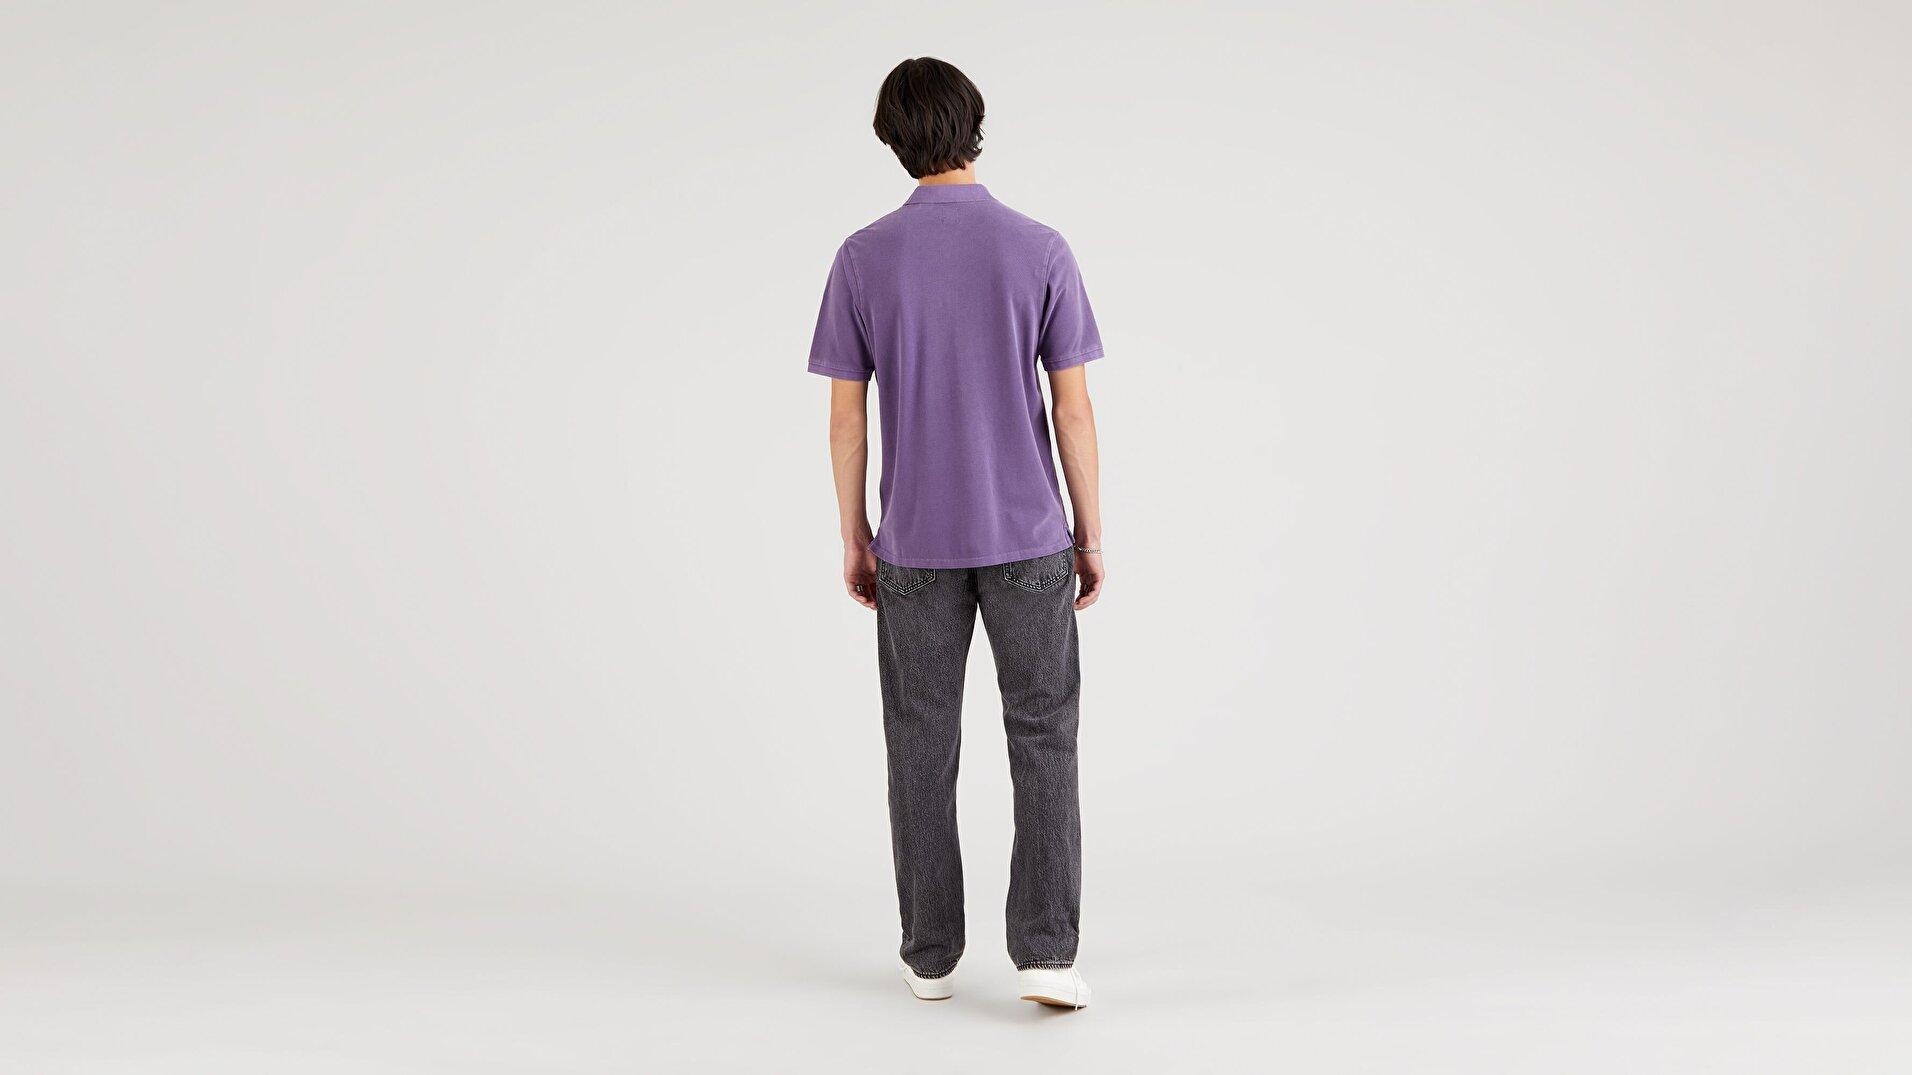 New Authentic Polo Loganberry Garment Dye Erkek Mavi Polo Tişört